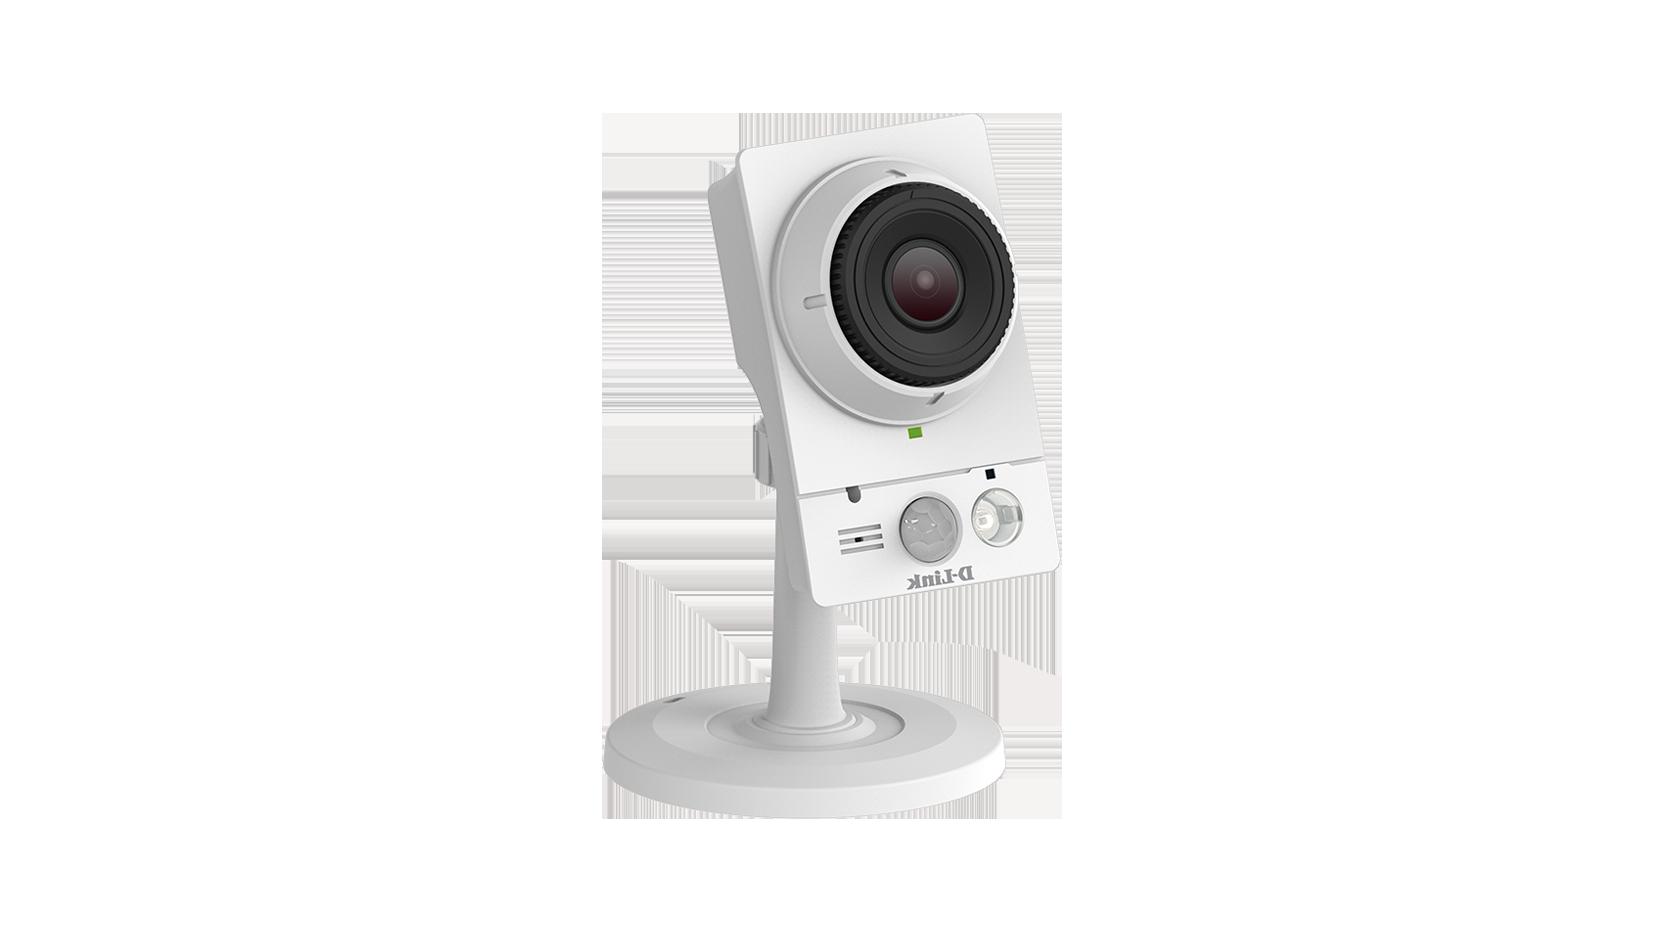 D-Link DCS-2230 IP Camera Driver Download